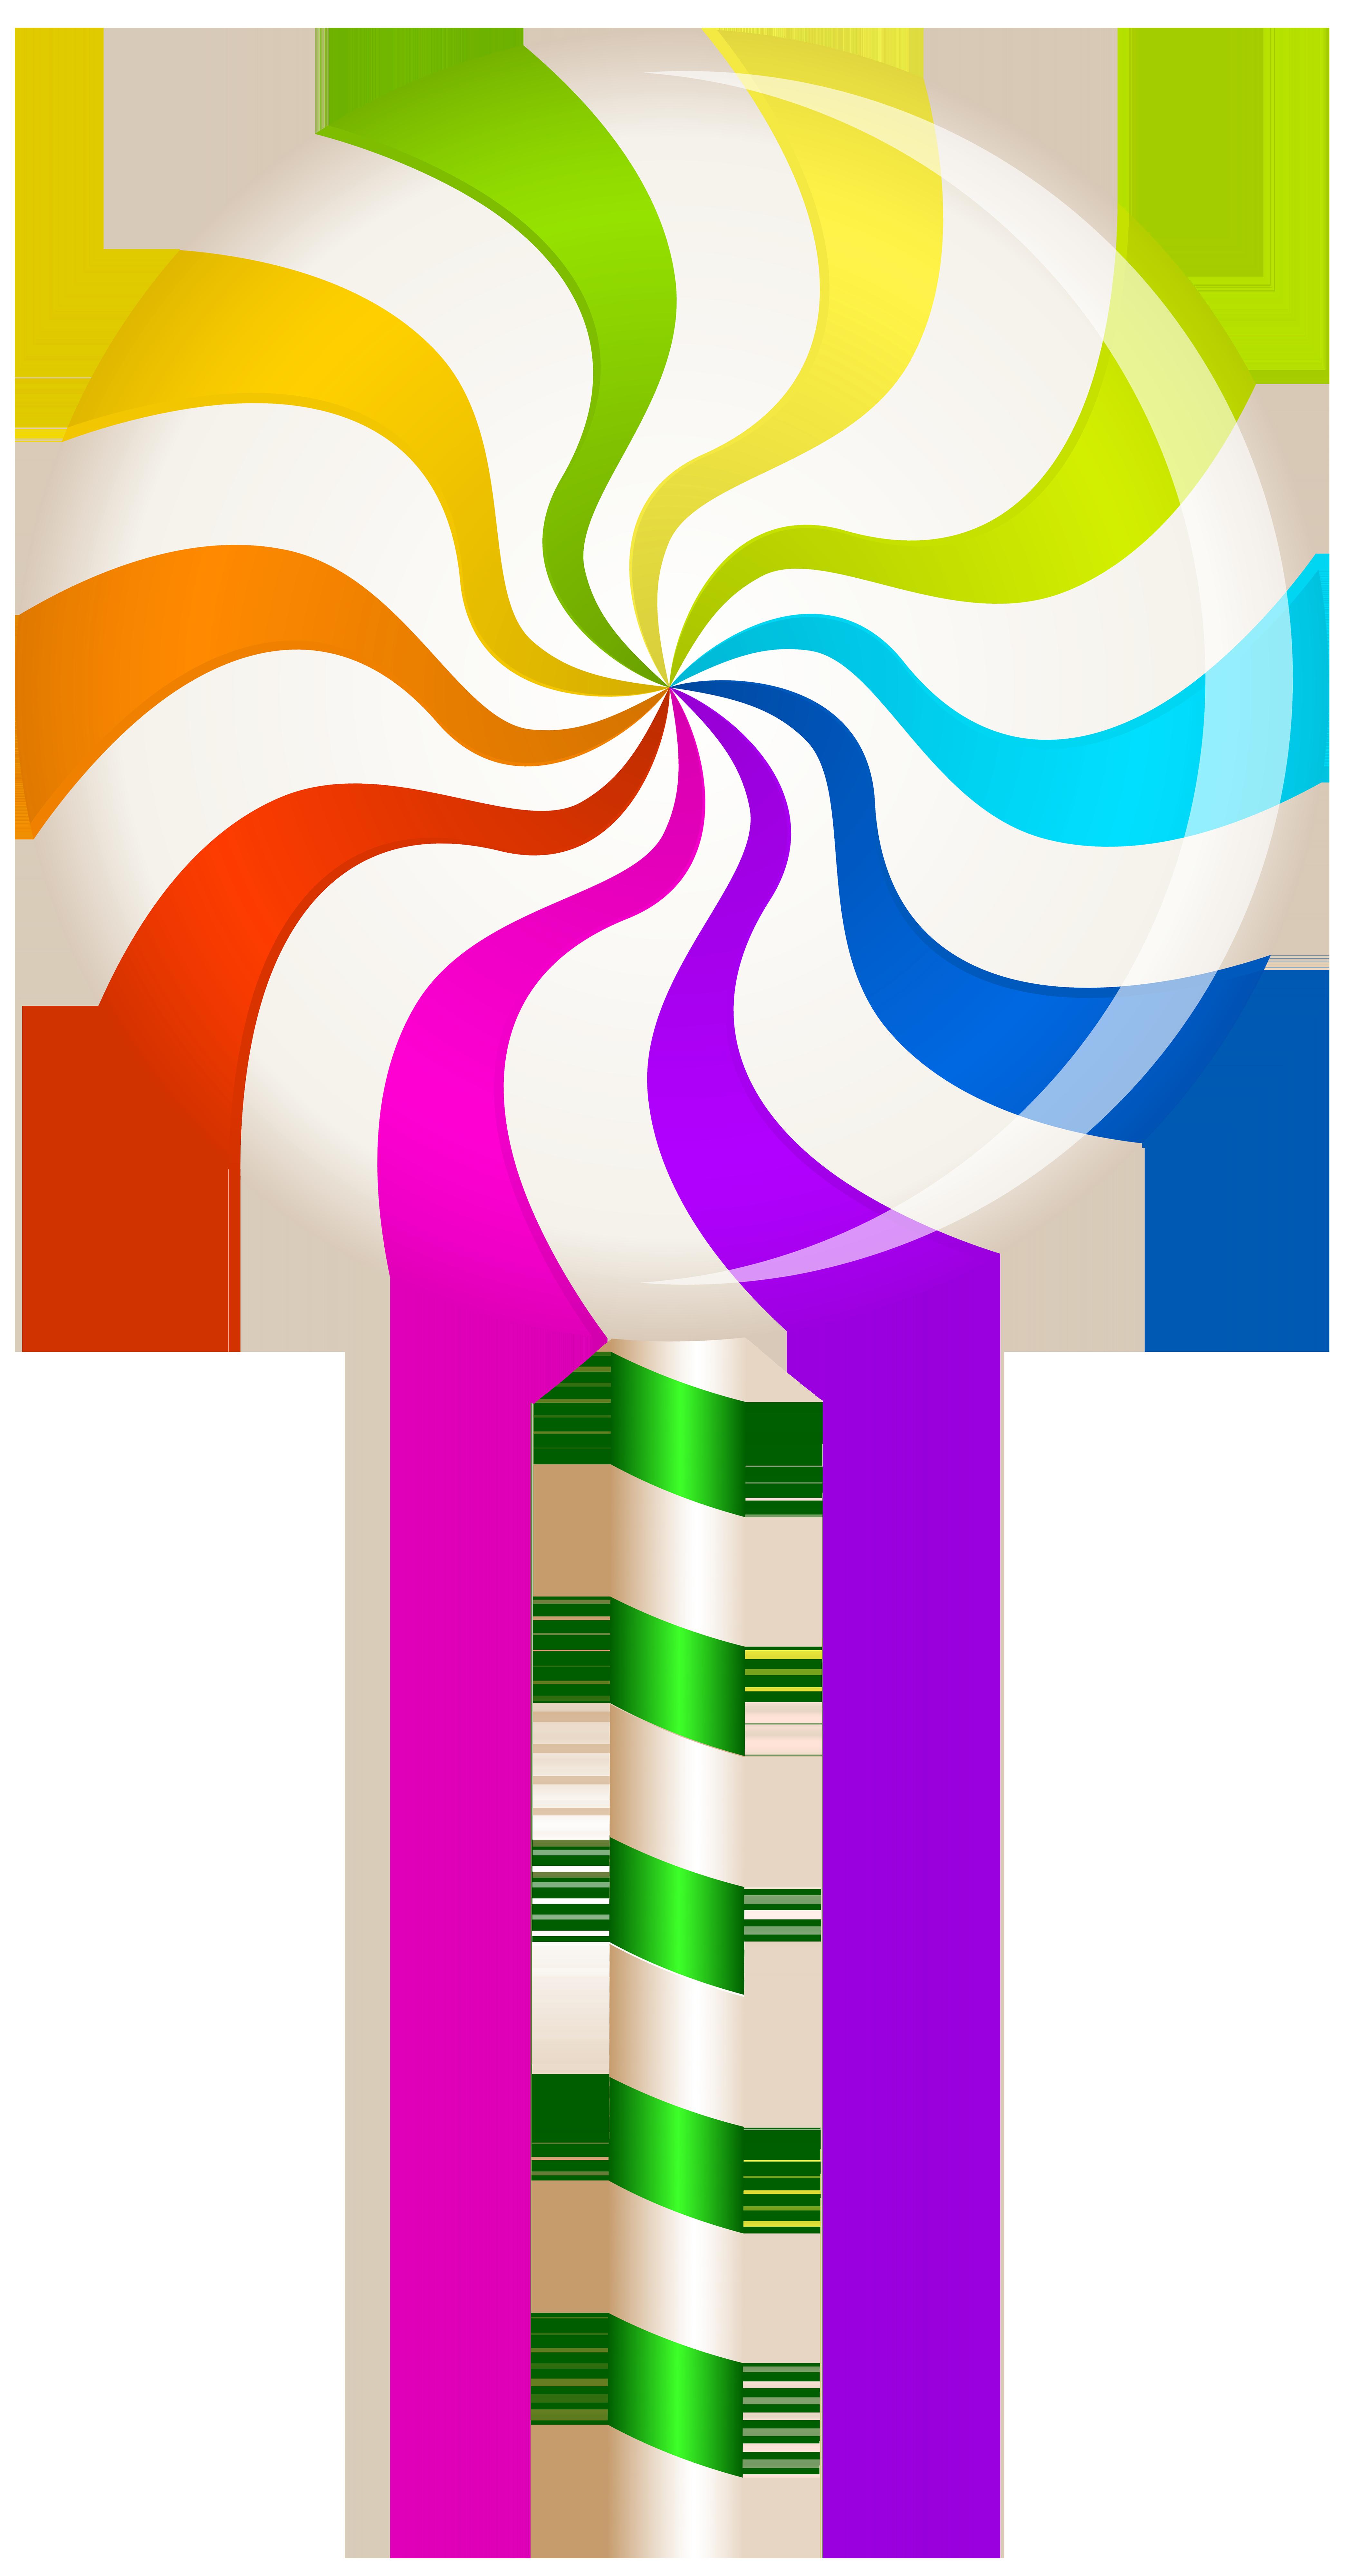 4191x8000 Sweets Lollipop Clipart, Explore Pictures